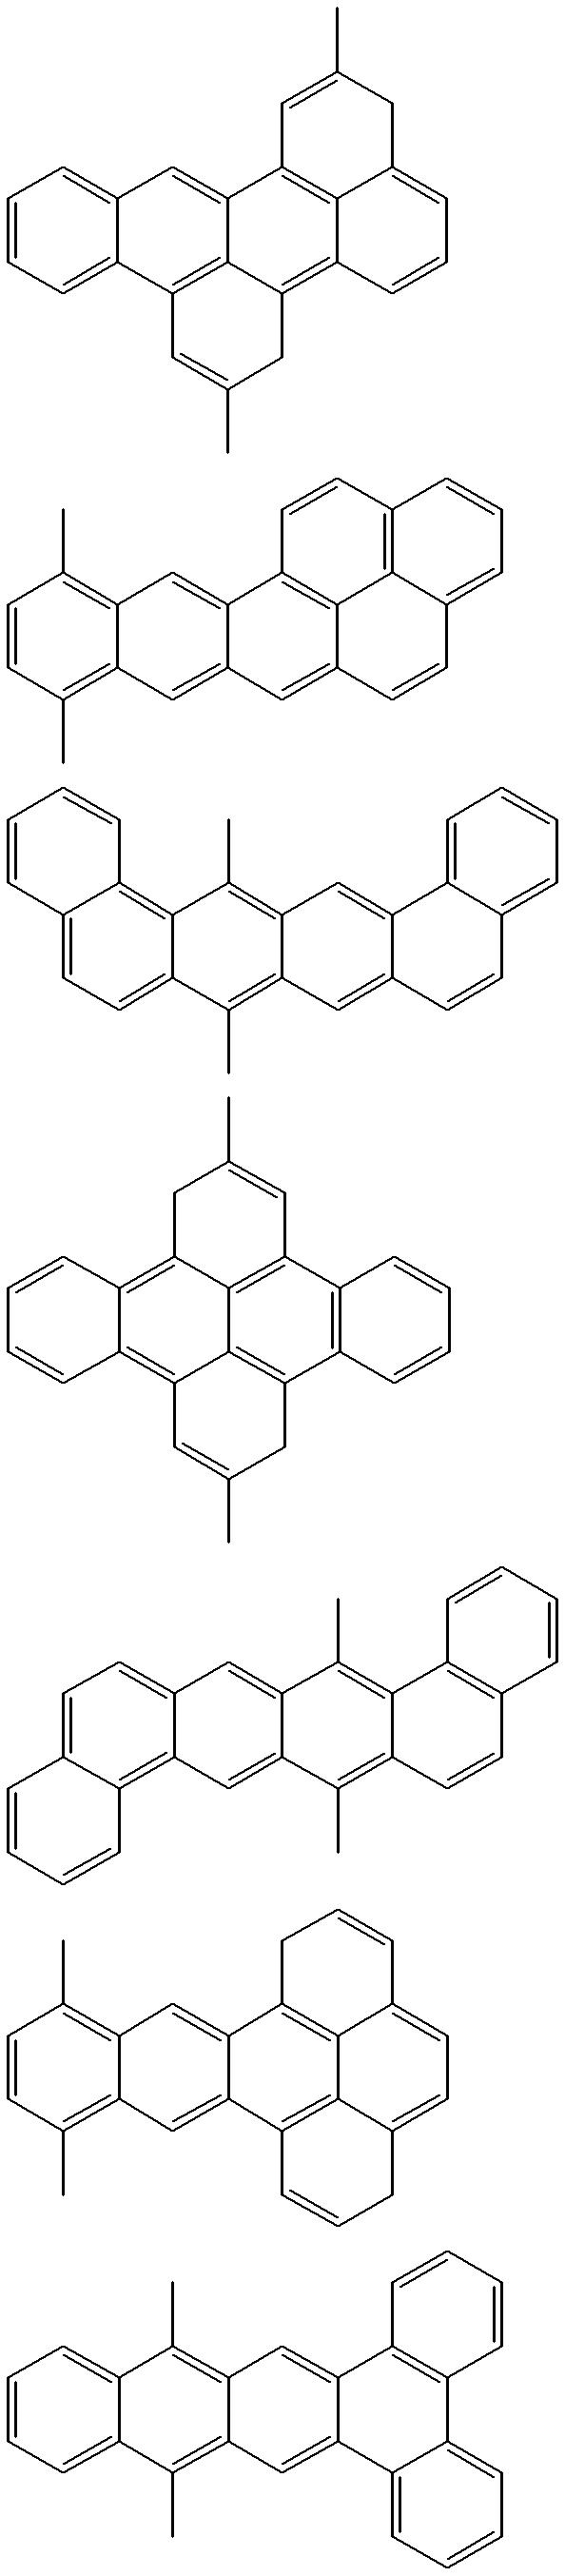 Figure US06285039-20010904-C00054